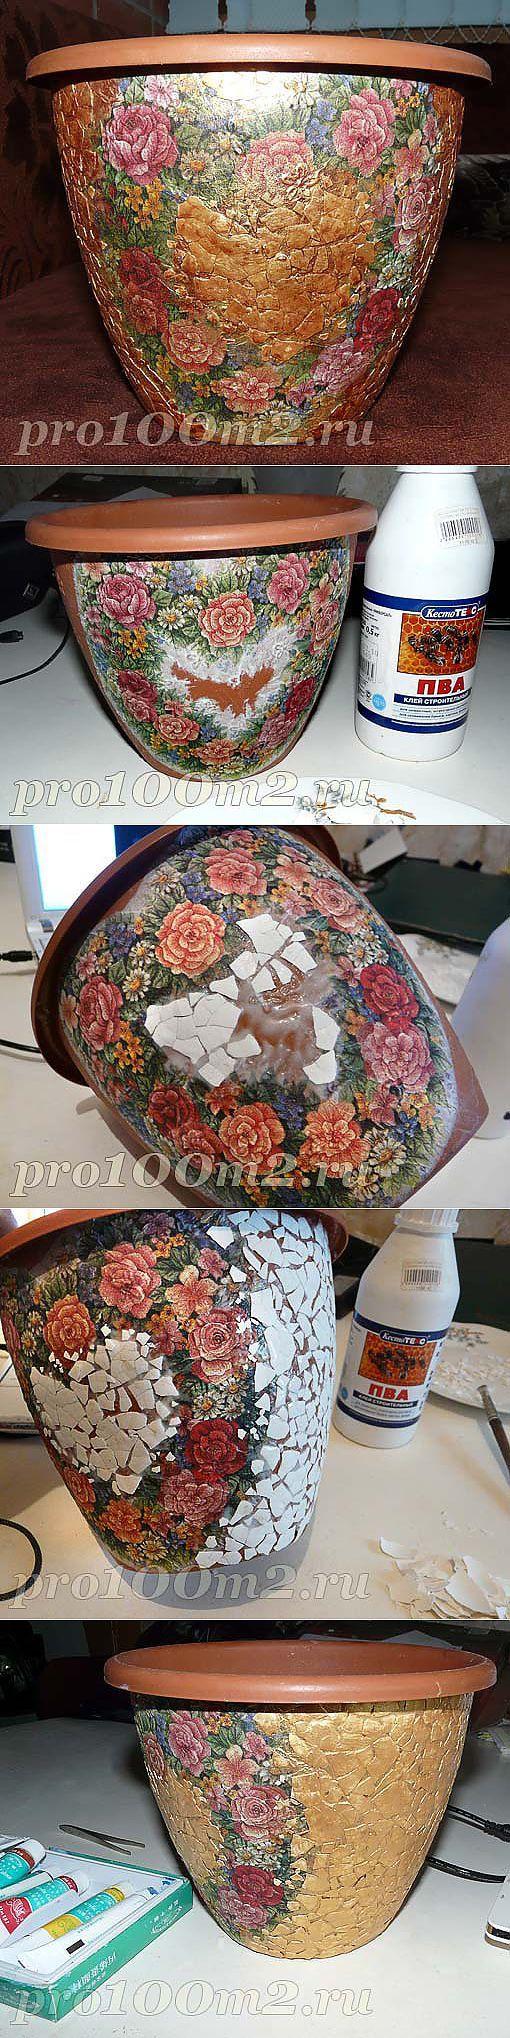 Красивый цветочный горшок. Декупаж и мозаика из яичной скорлупы | Умелые ручки | интерьер | Постила